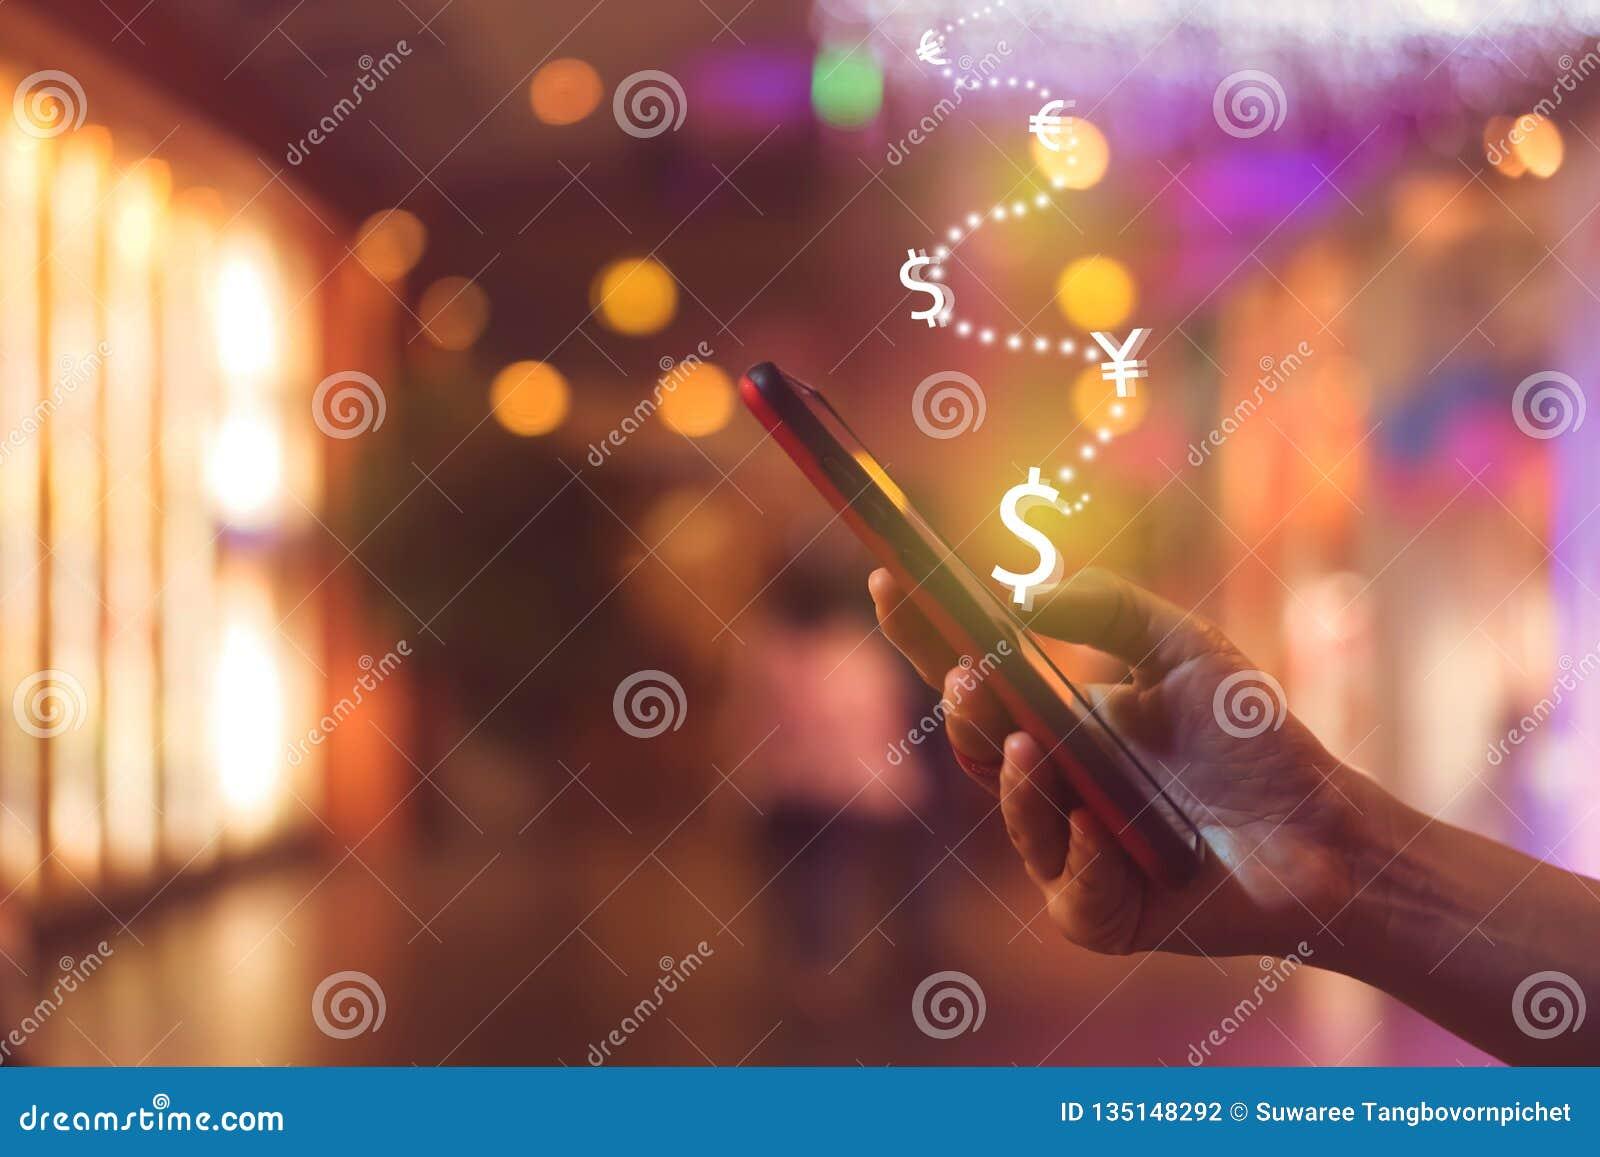 Skärm för symbol för marknadsmaterielgraf av smartphonebakgrund Finansiellt drömliv för affärsteknologifrihet genom att använda i